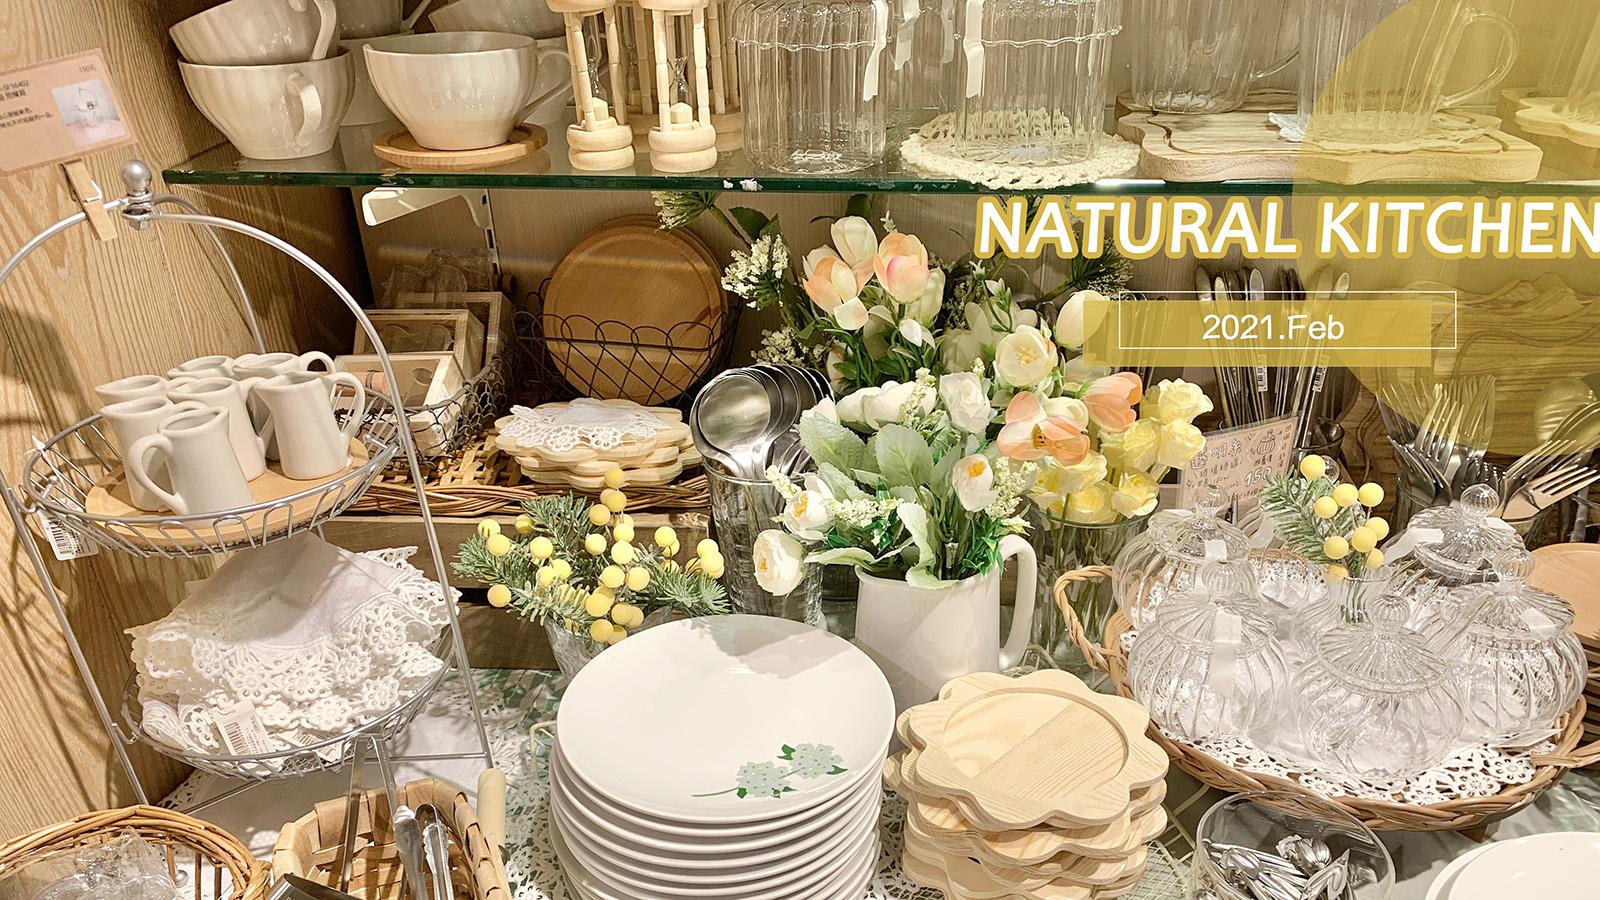 """☆【Natural Kitchen 】2021二月過年限定、「透明系」玻璃餐具系列。Natural Kitchen 實""""逛""""轉播+戰利品開箱 @凱的日本食尚日記"""